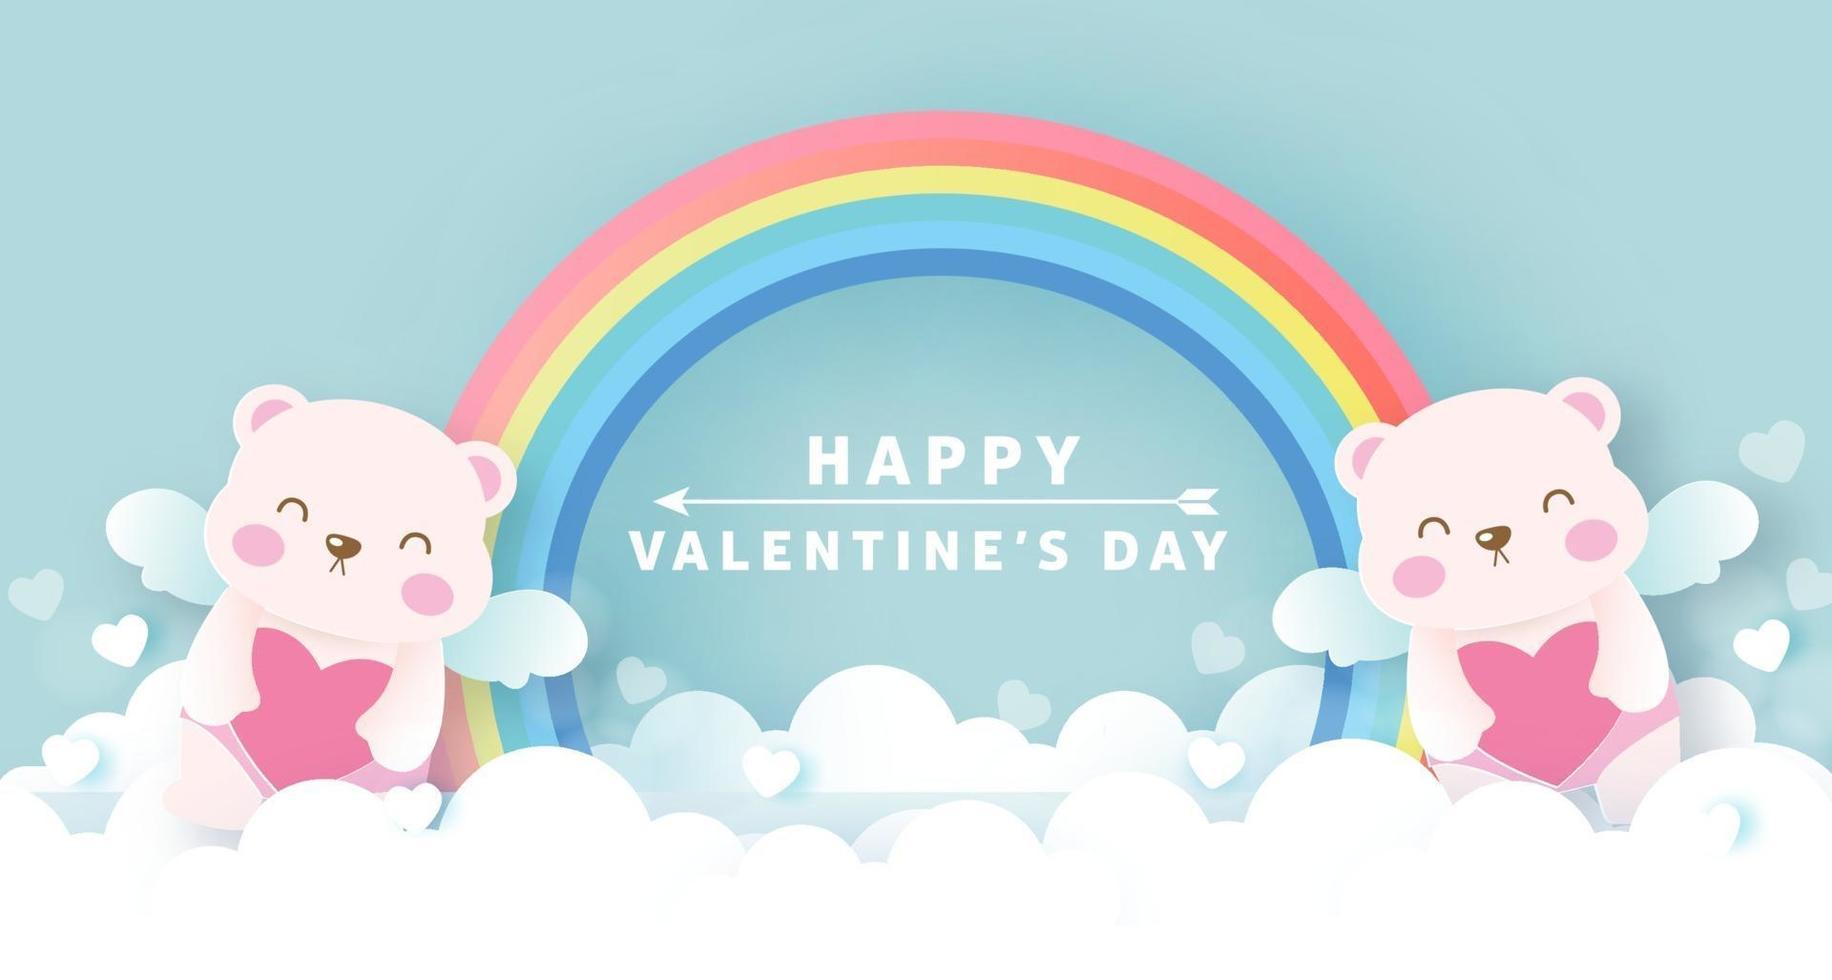 Valentijnsdag wenskaart met schattige cupido beren en regenboog. vector